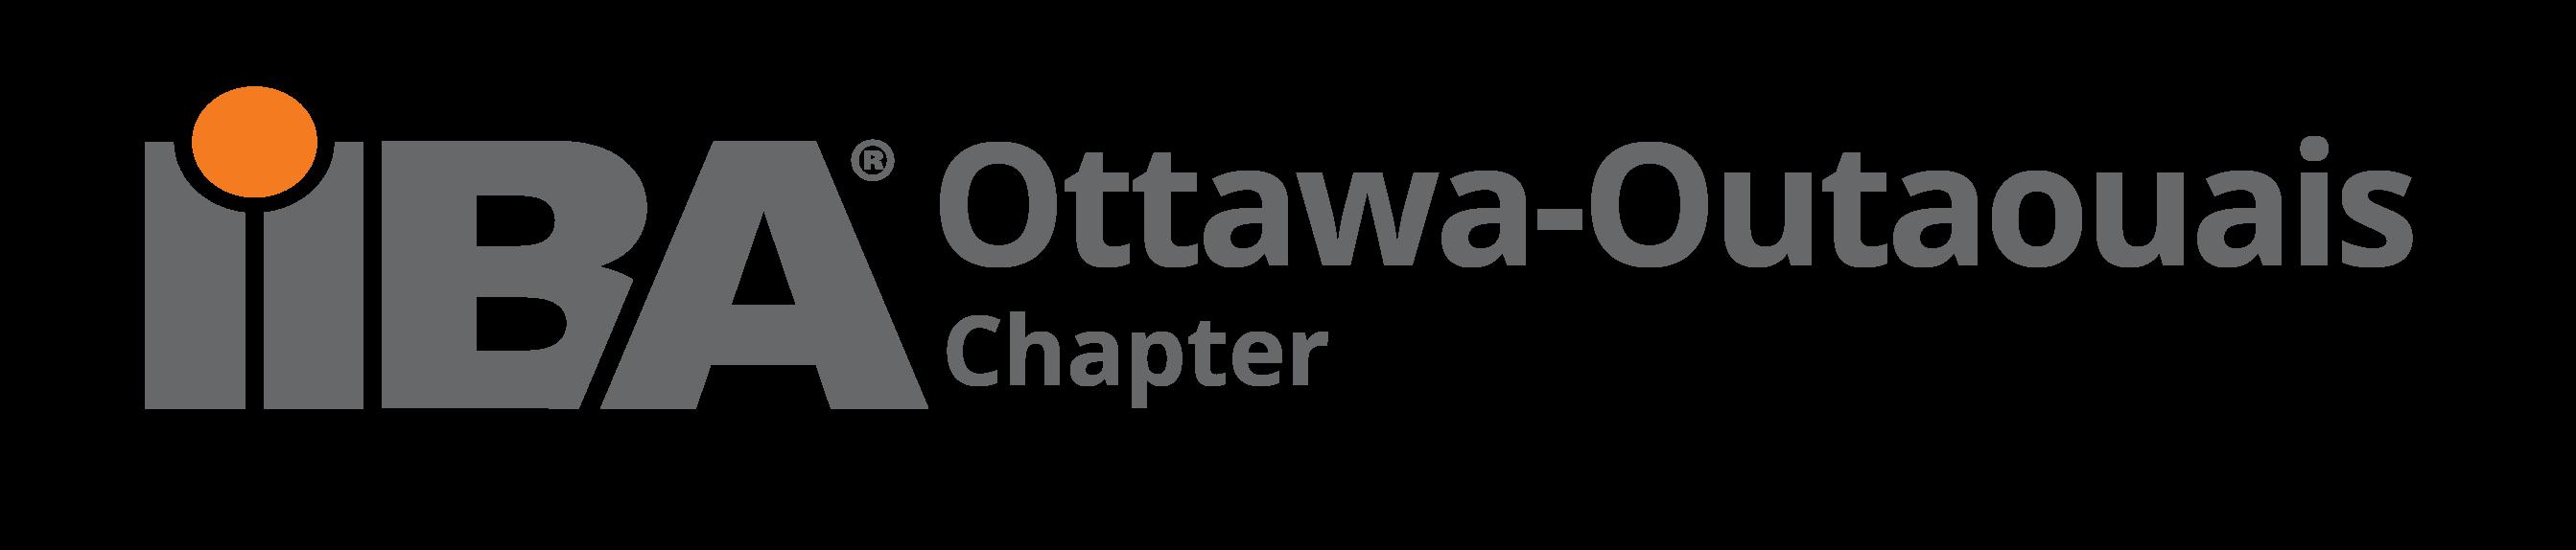 IIBA-Ottawa-Outaouais